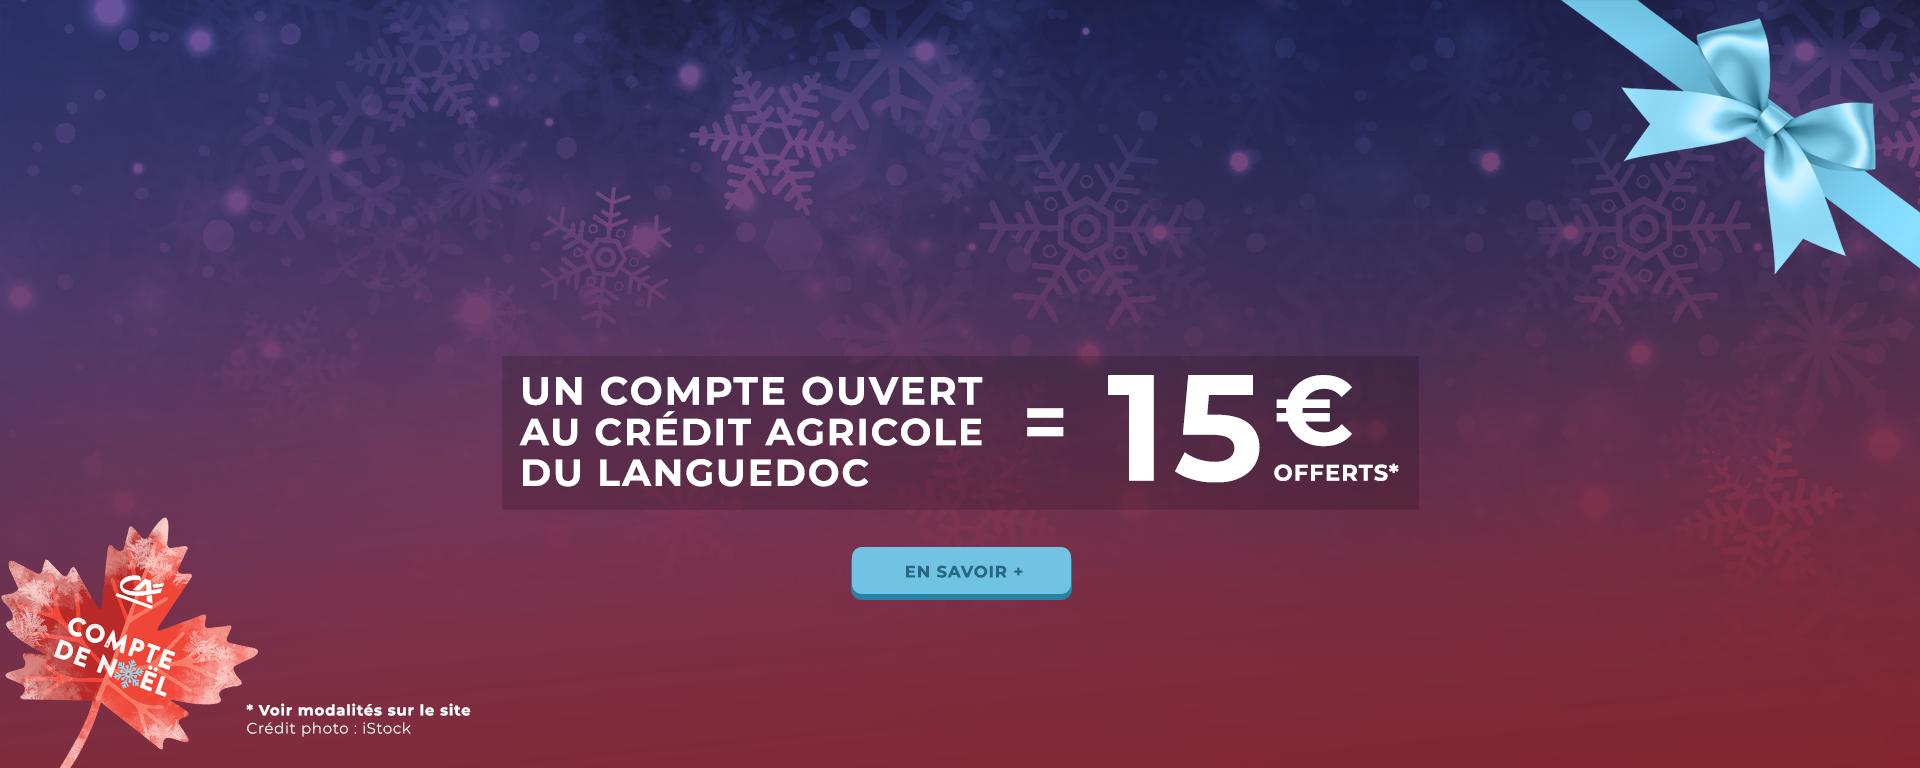 Carte Bancaire Depoz Partic.Credit Agricole Languedoc Accueil Particuliers Credit